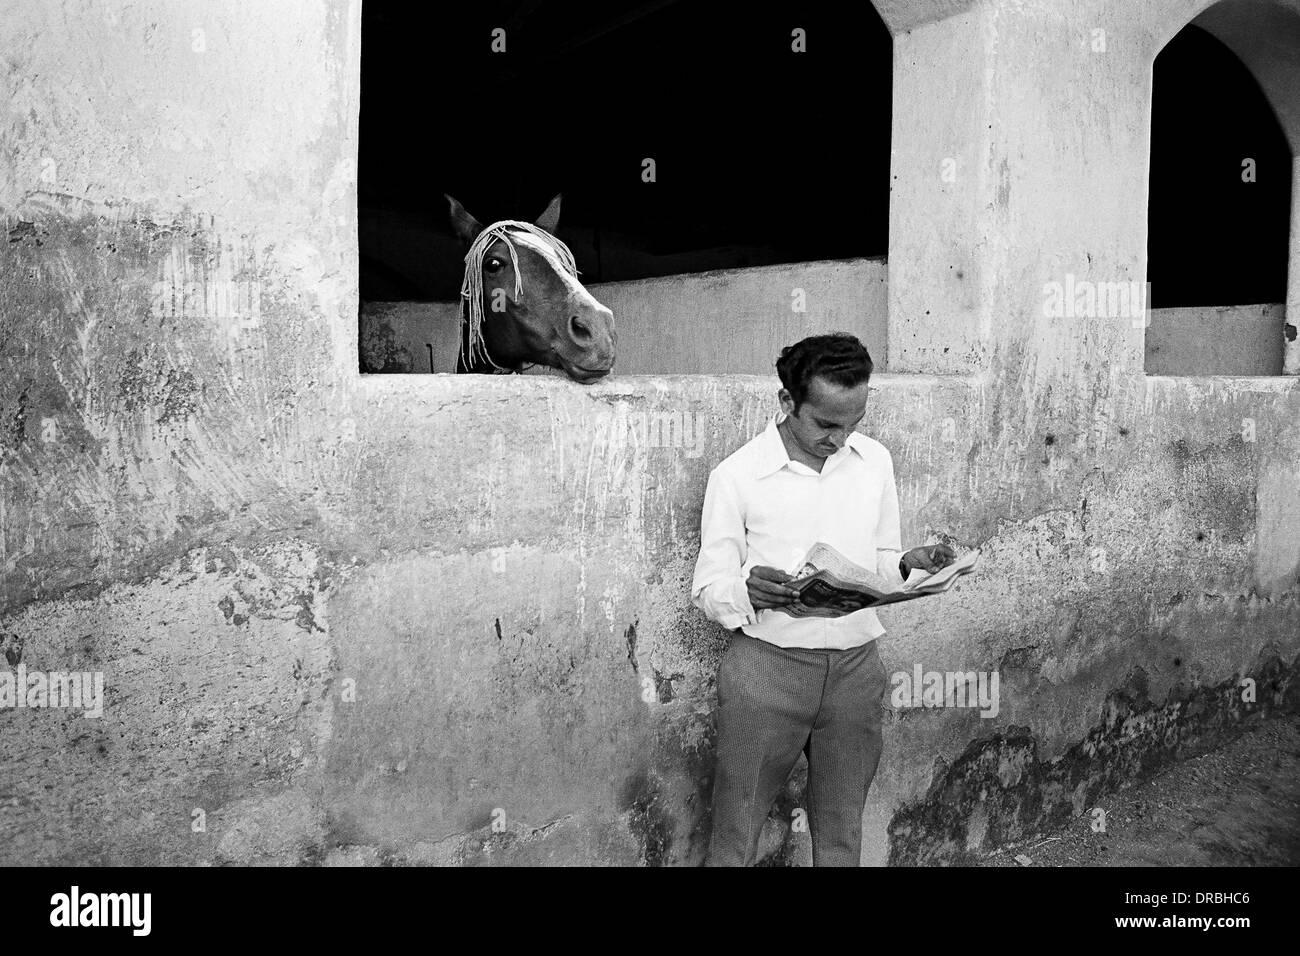 El hombre y el caballo la lectura de periódicos Racecourse Mumbai Maharashtra India Asia 1974 Imagen De Stock